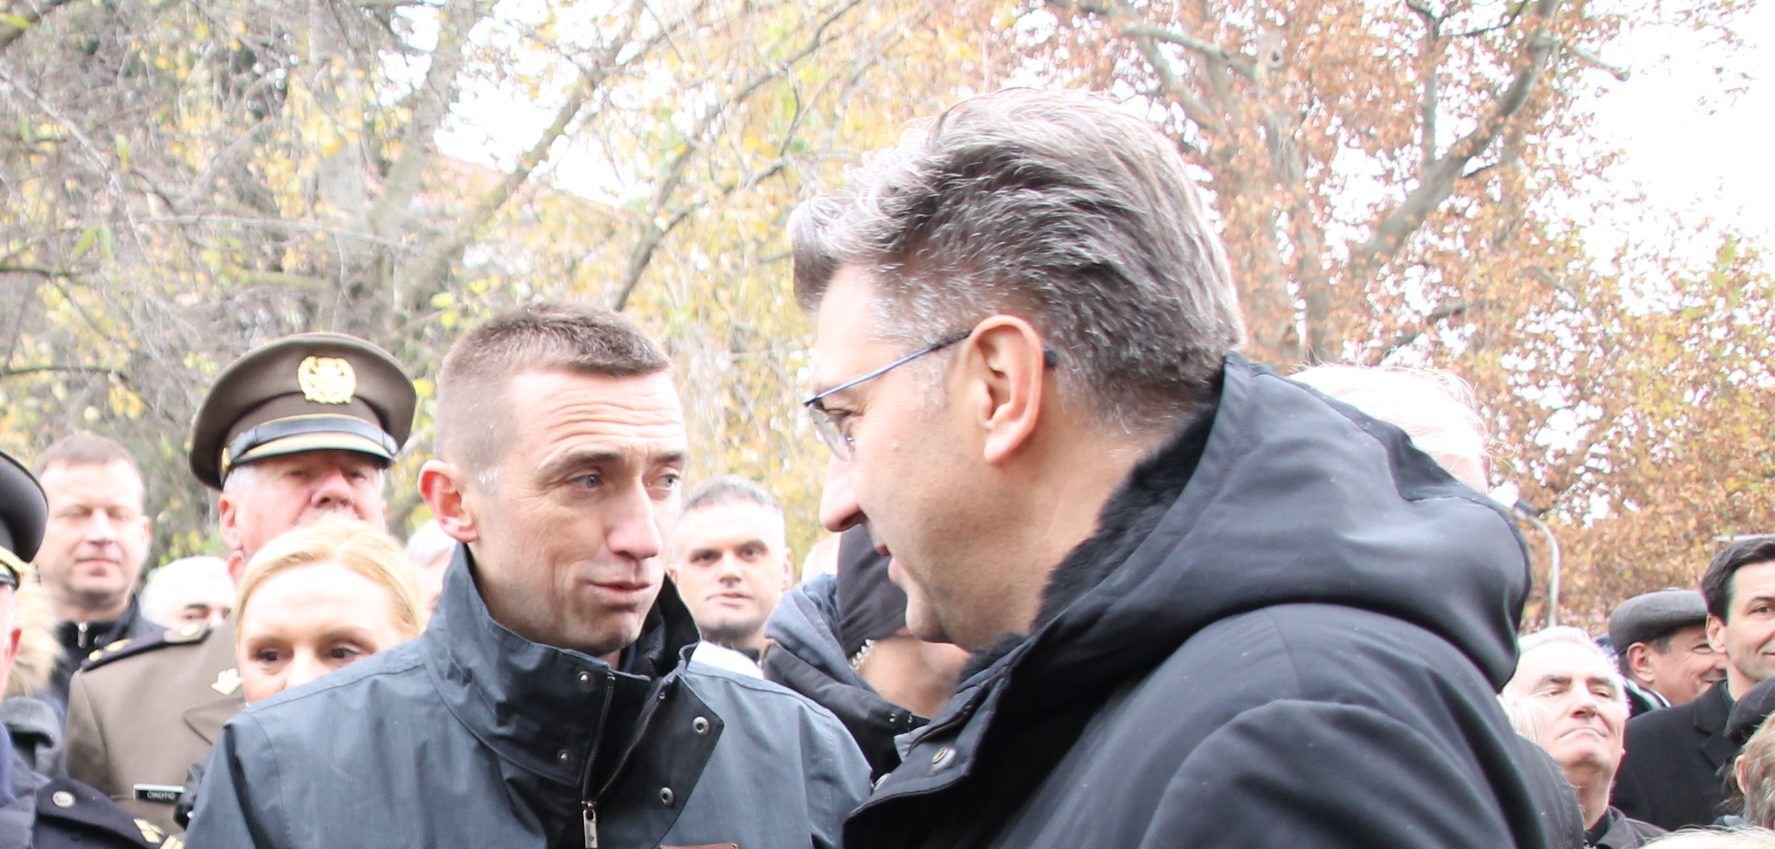 Penava: Vladina odluka je ogroman iskorak na vrlo osjetljivom terenu i u pravom smjeru